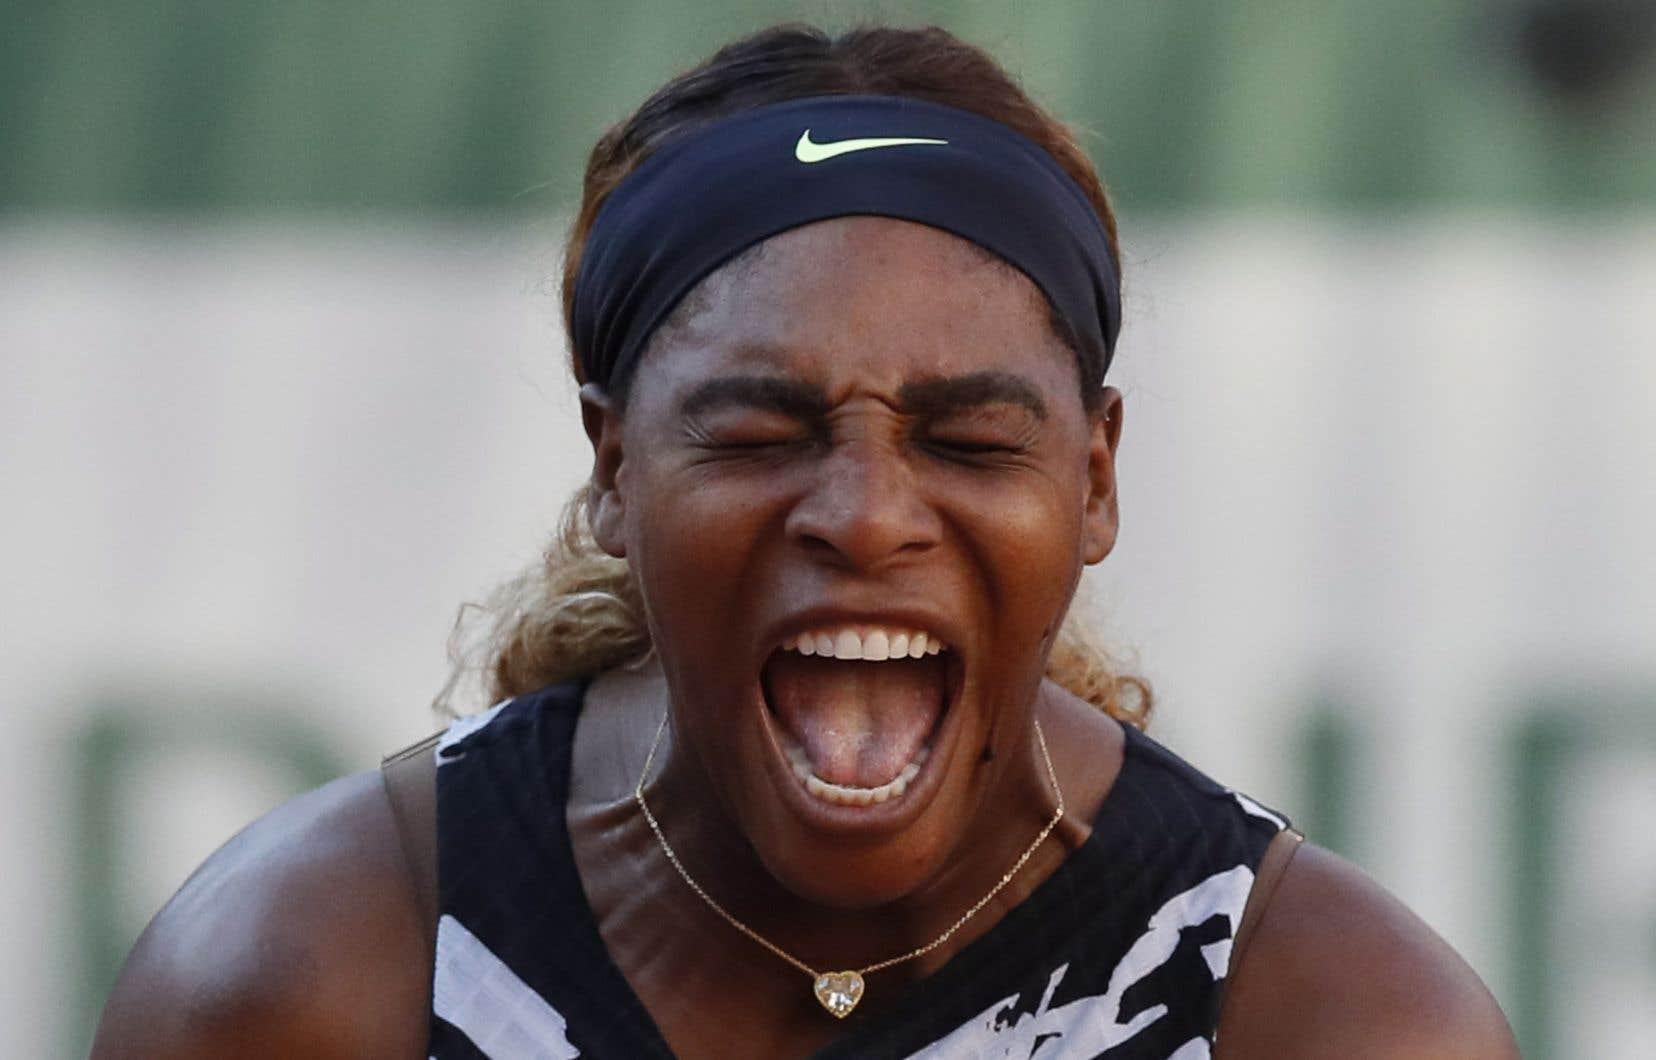 La dernière fois que Williams avait été éliminée aussi rapidement dans un tournoi du Grand Chelem, c'était en 2014, au deuxième tour à Roland Garros.